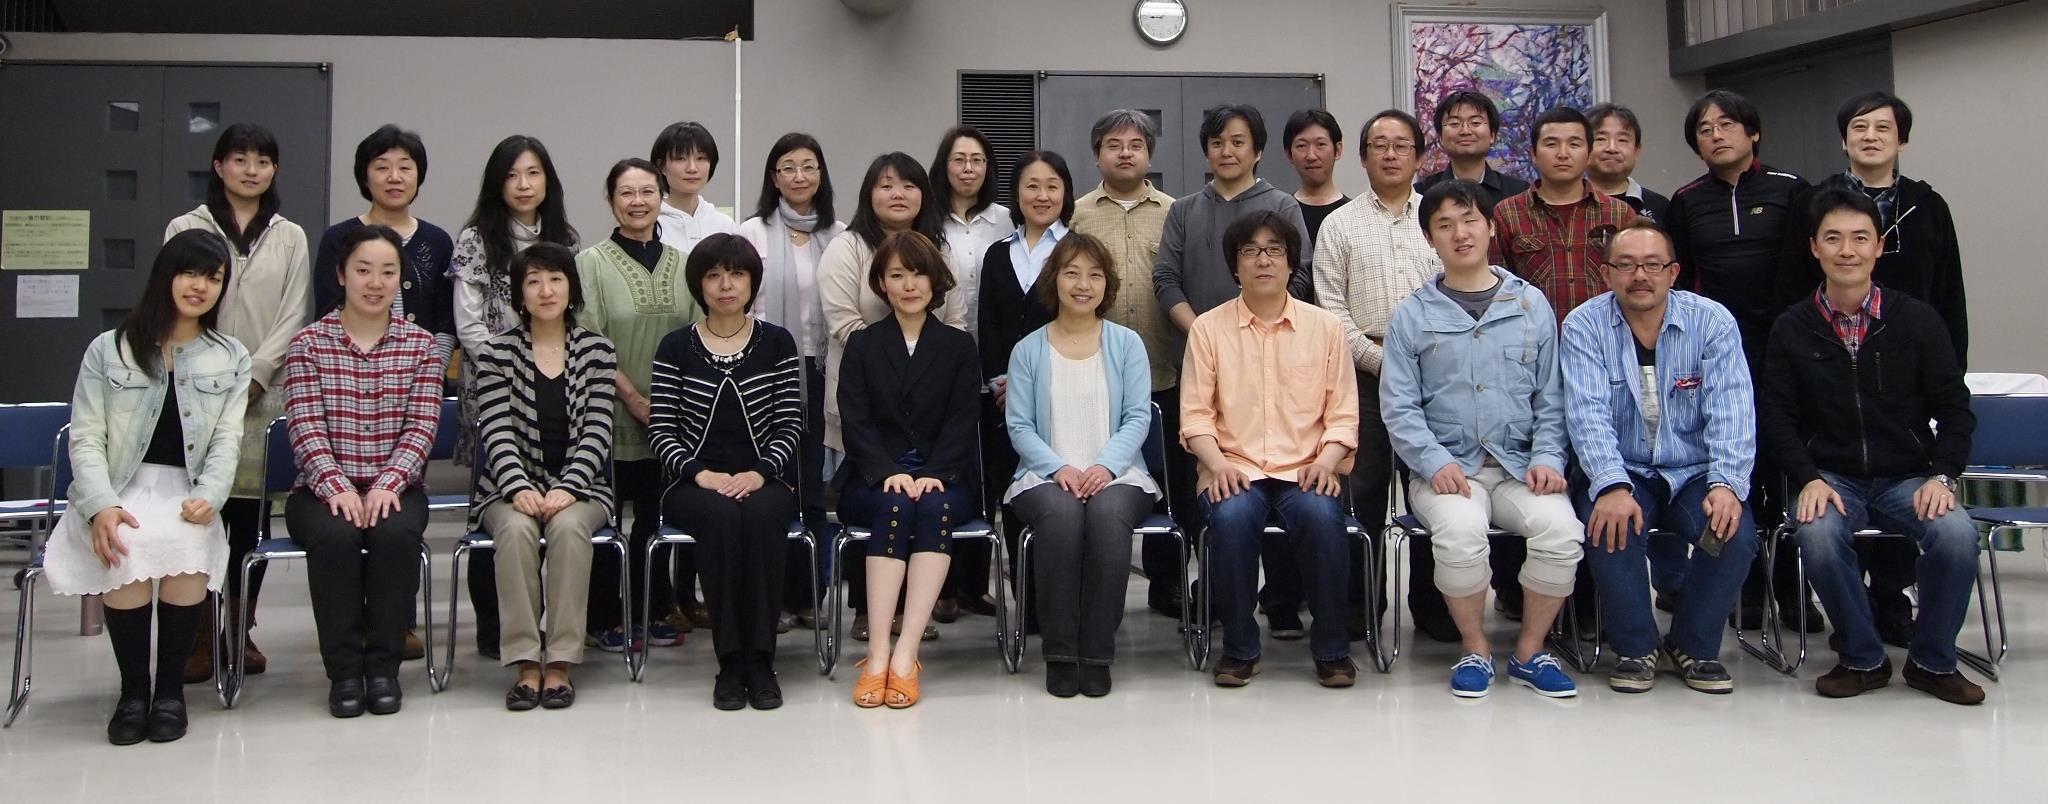 横山潤子先生とダイアファナスのゆかいな仲間たち